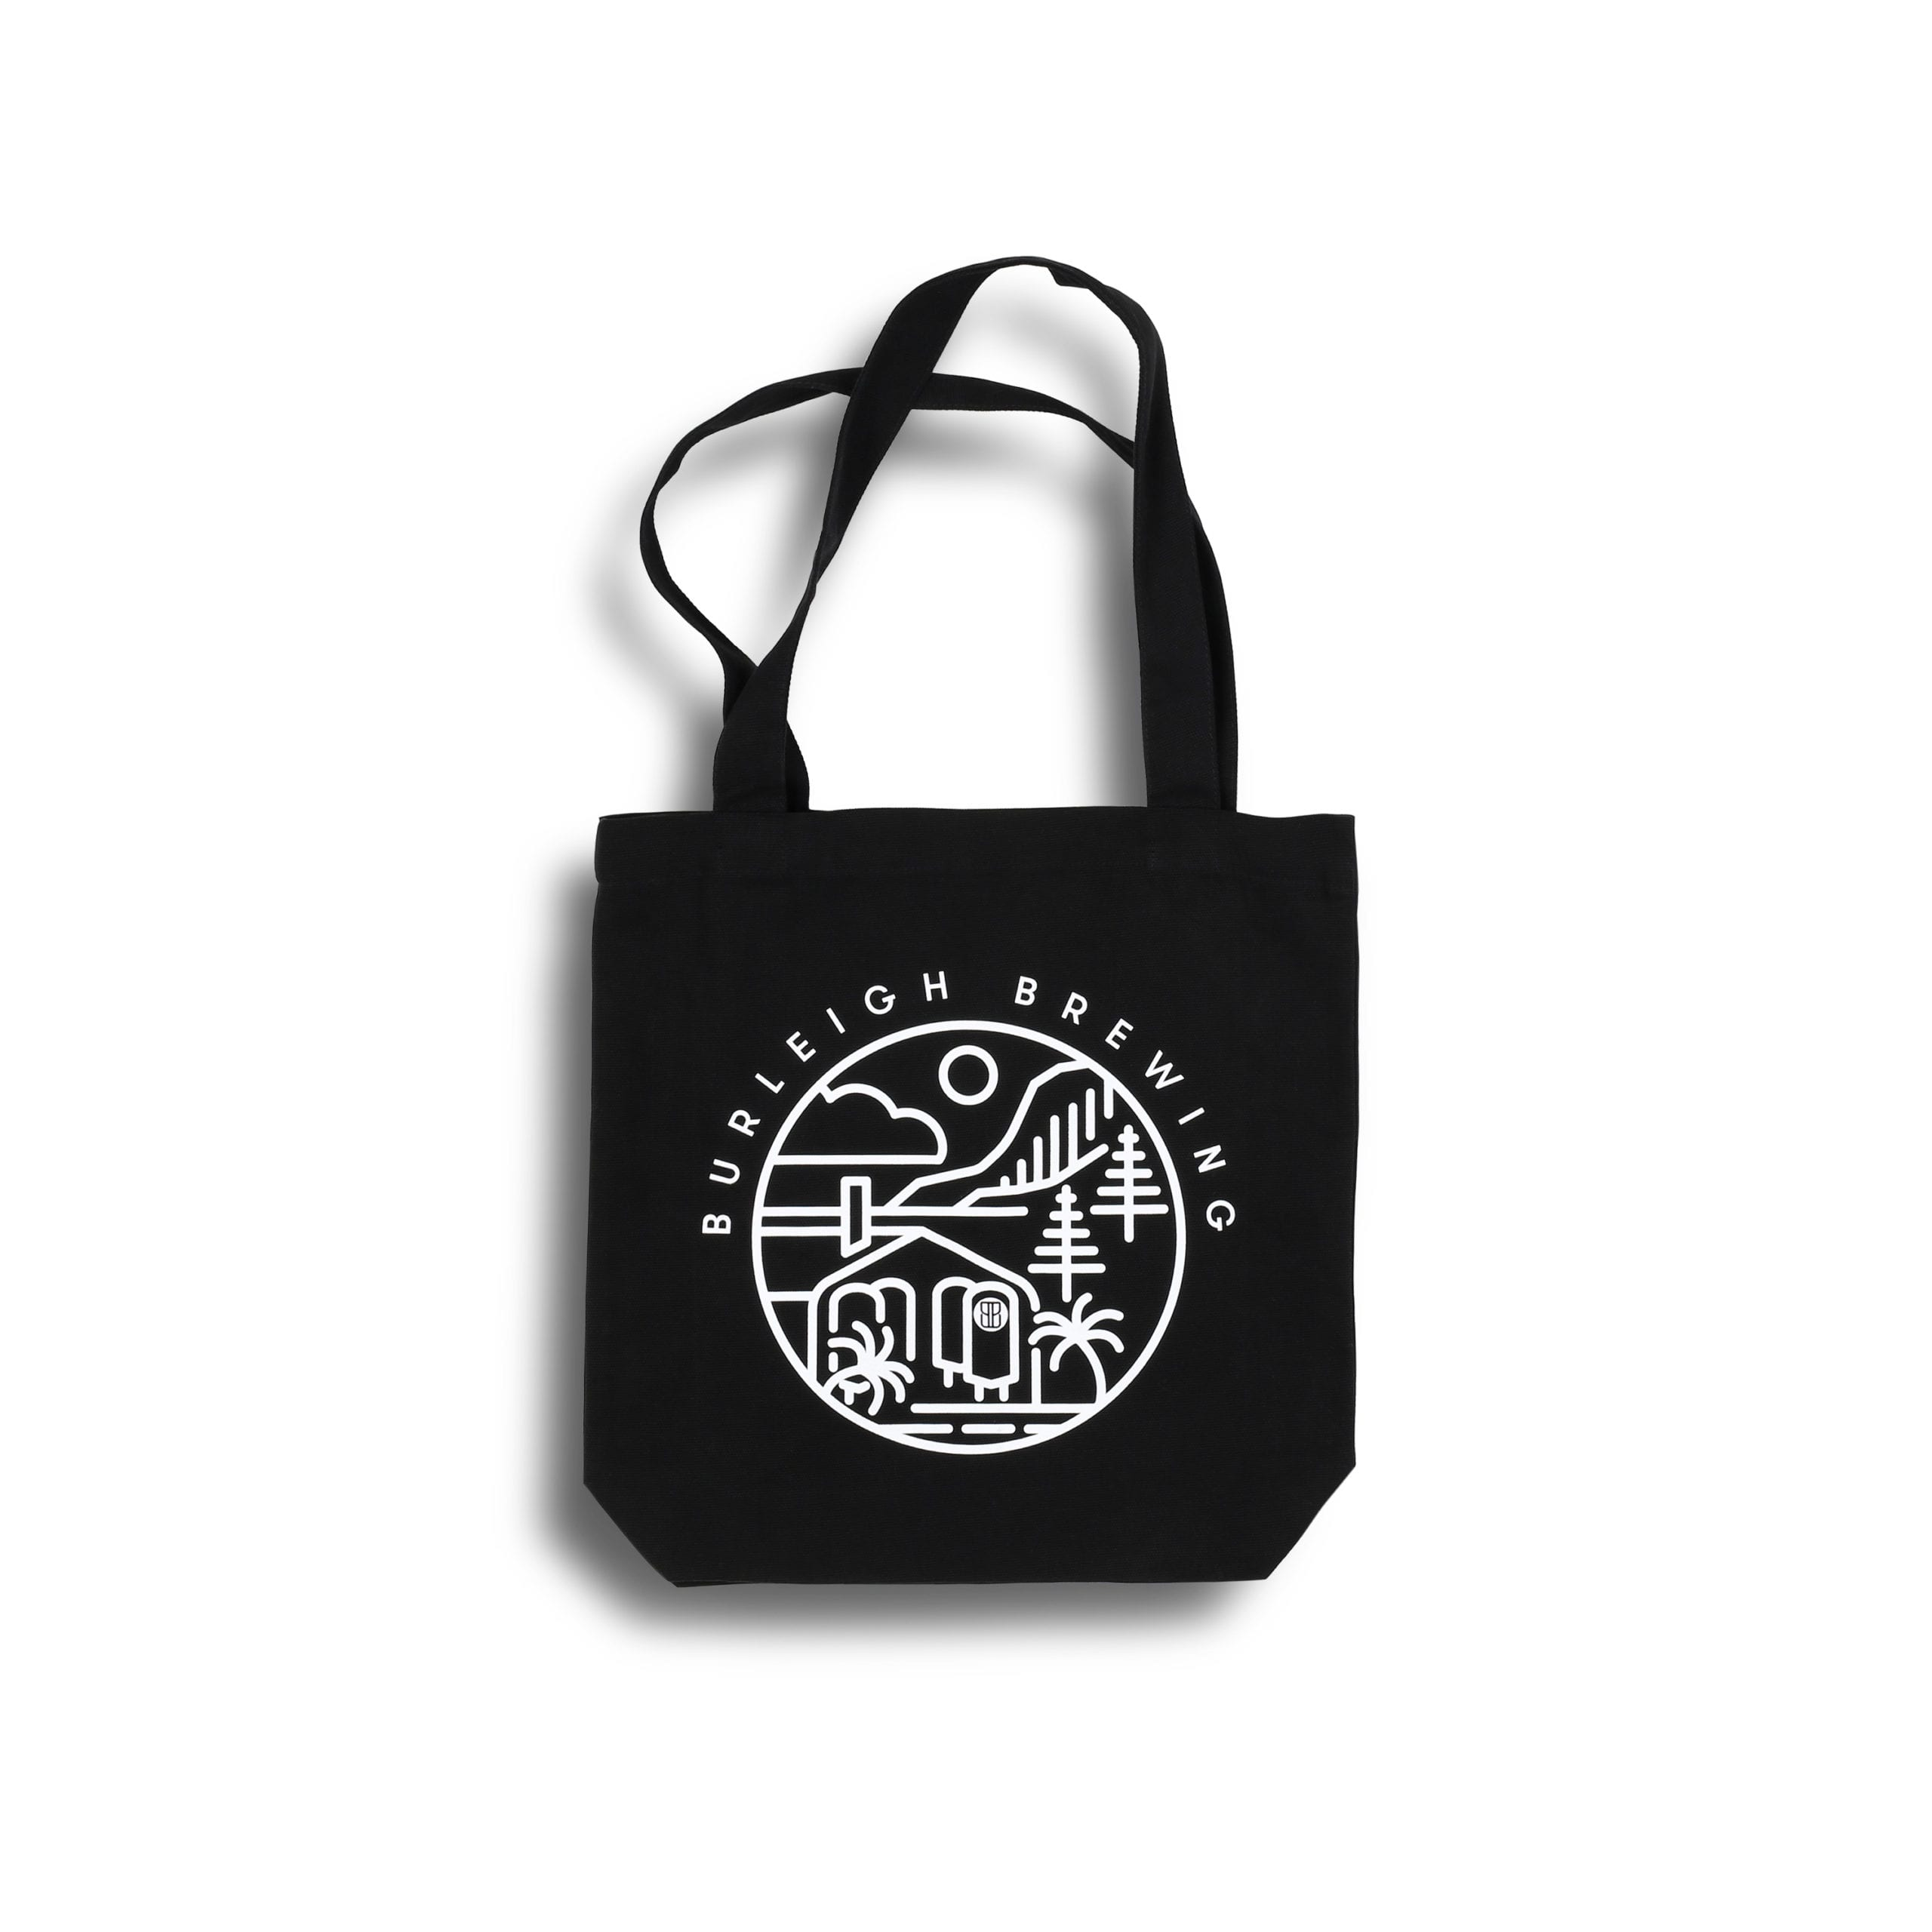 Burleigh Stencil Tote Bag - Black